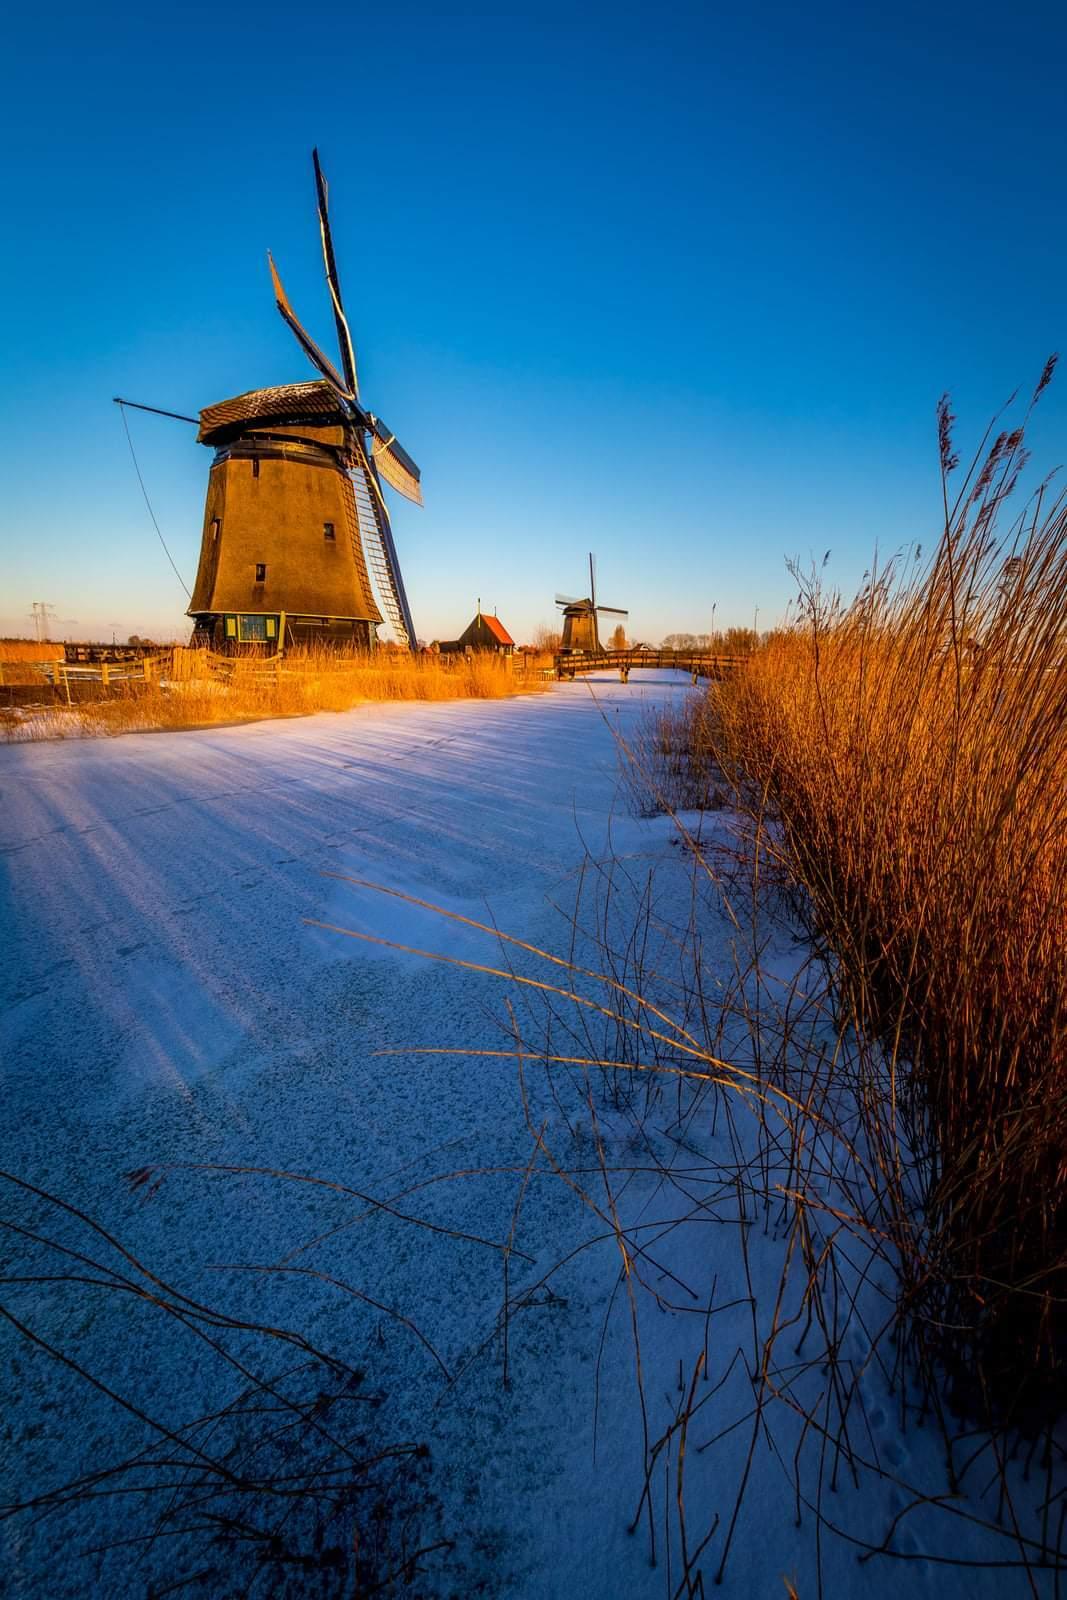 Vlakbij huis - Rustenburg, vlakbij huis. - foto door p.heins op 04-03-2021 - deze foto bevat: zon, natuur, licht, winter, zonsondergang, ijs, landschap, tegenlicht, molen